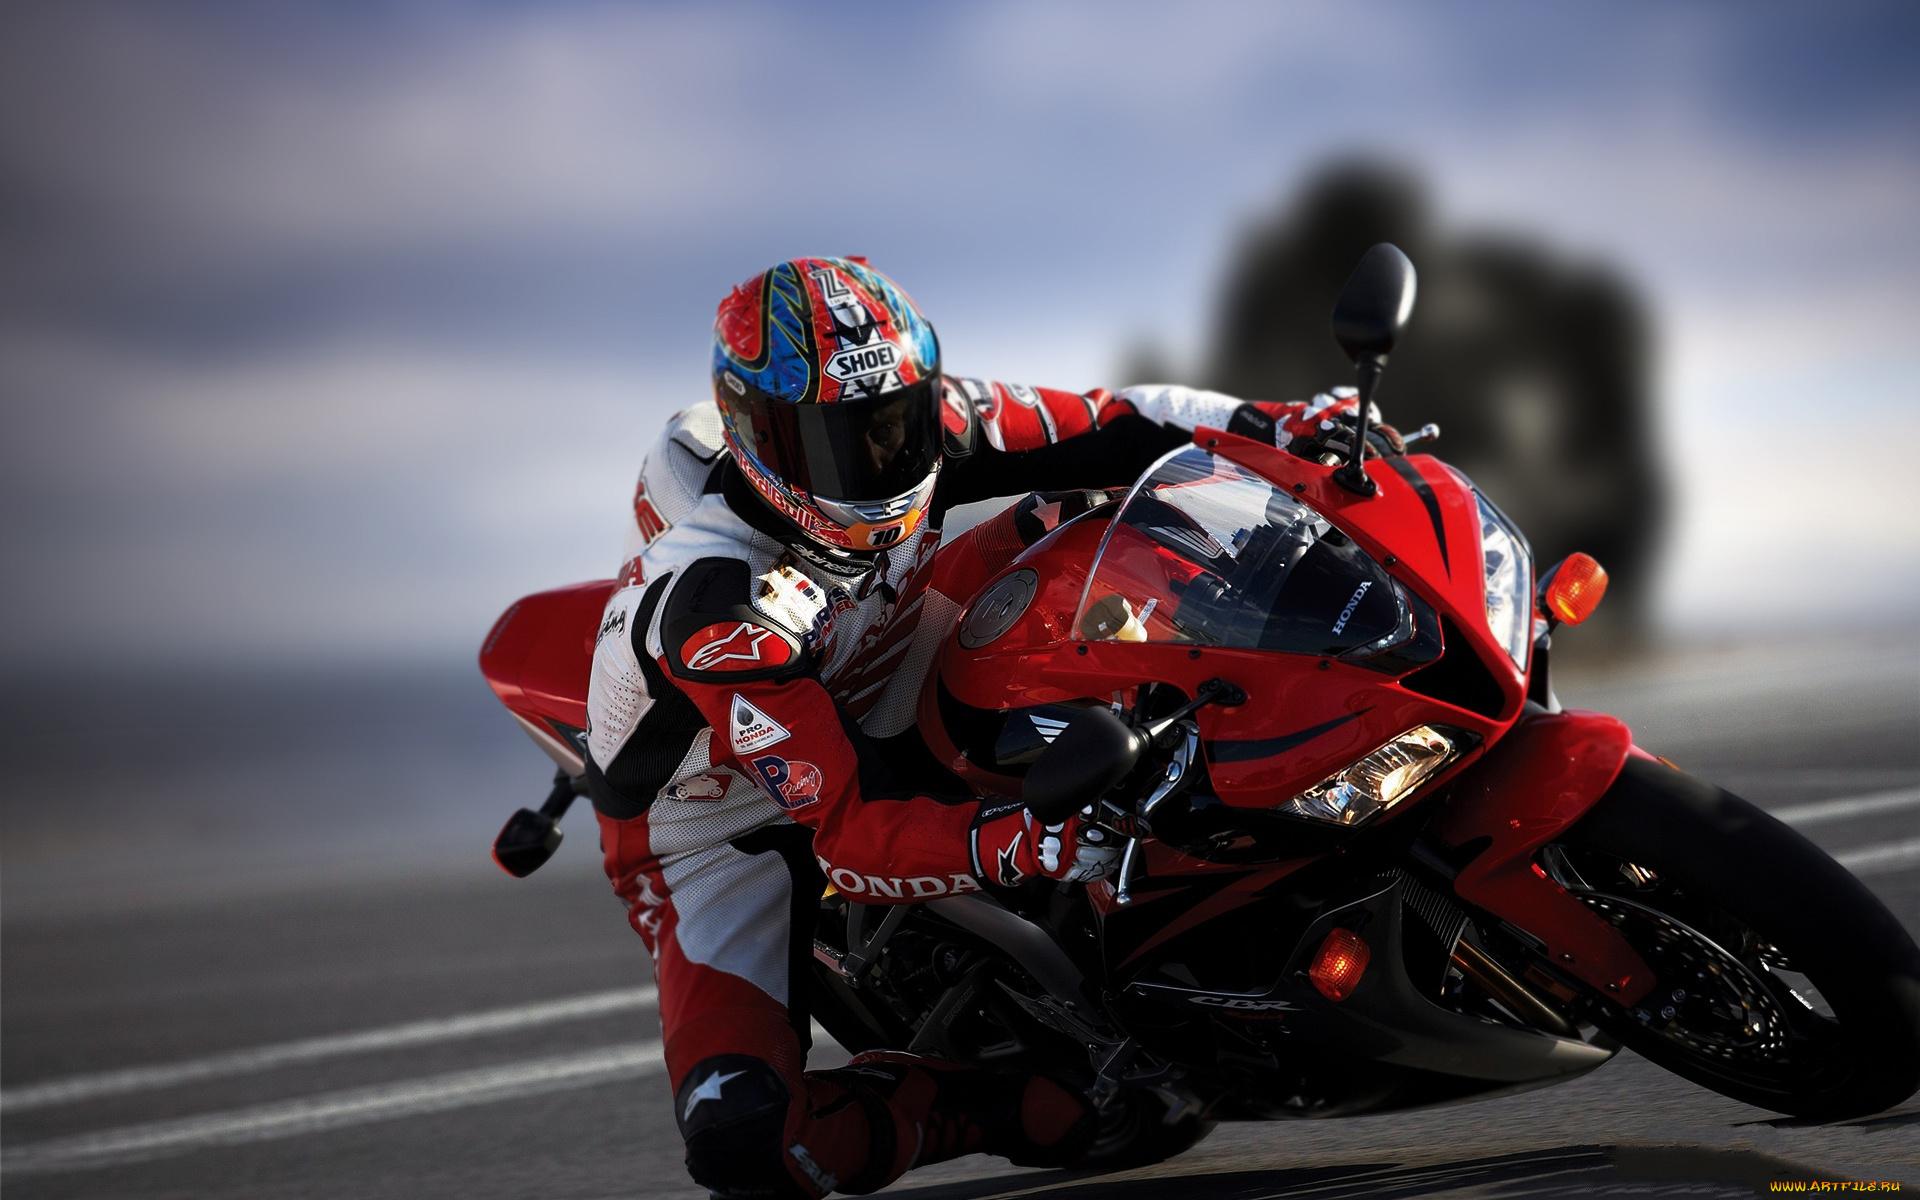 вираж гонка мотоциклы  № 3300157 без смс